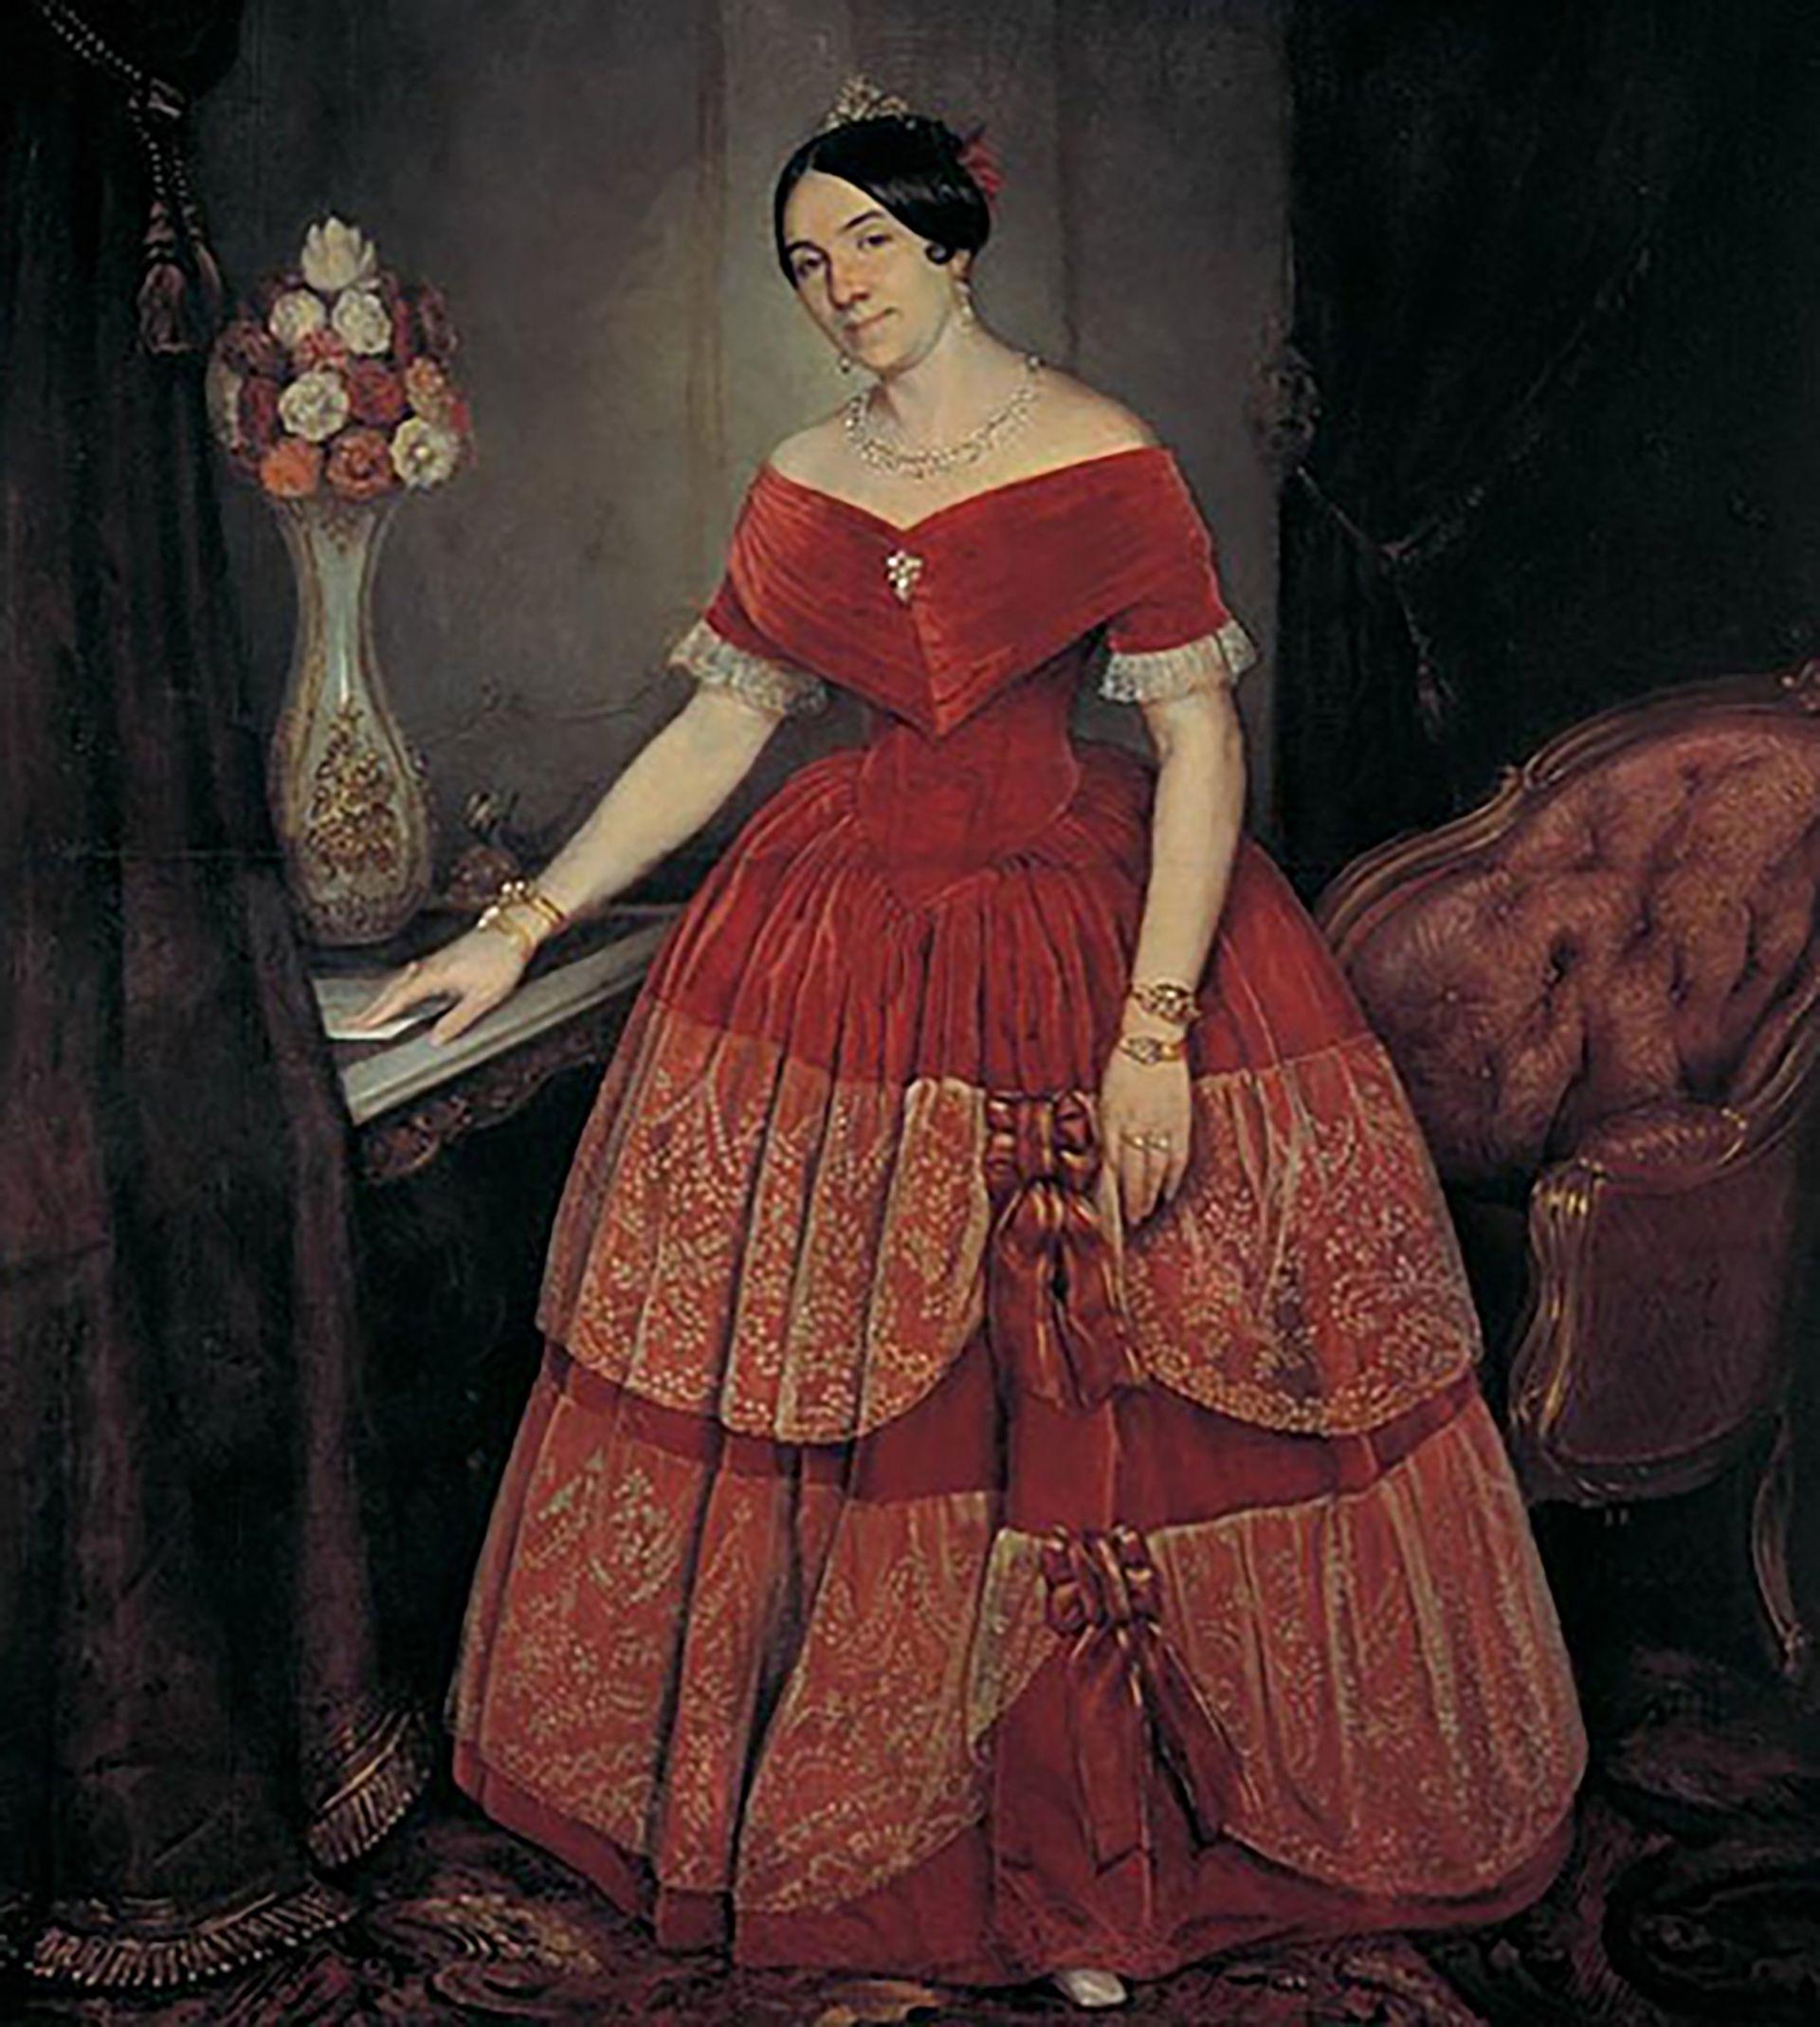 Mientras Rosas se dedicó a su campaña contra los aborígenes, Ezcurra se encargó de dirigir a los subordinados de su marido